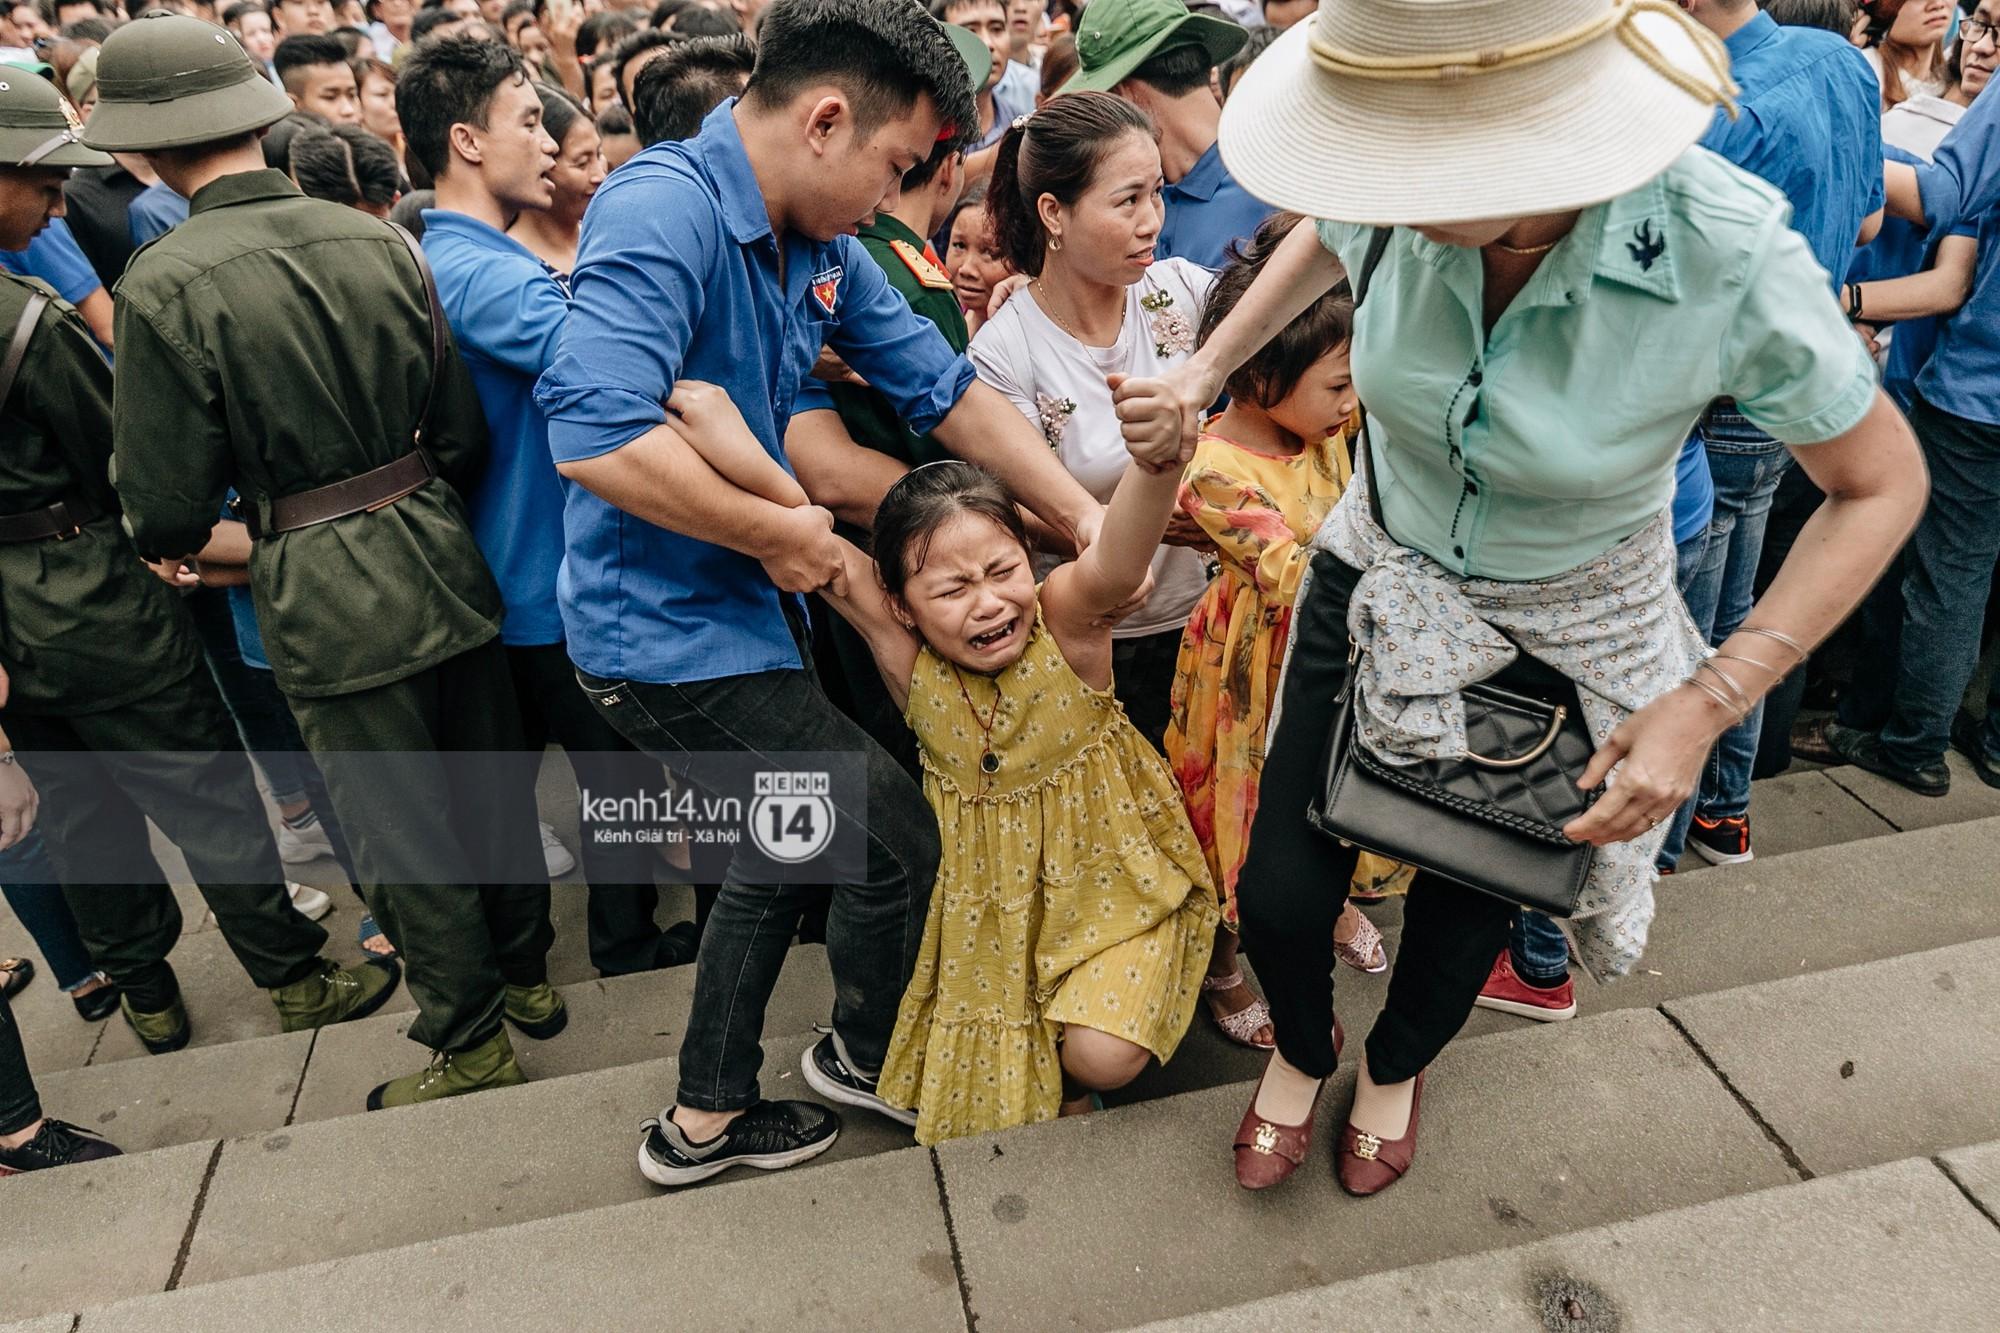 Nhìn lại những khoảnh khắc ấn tượng 2 ngày chính hội ở đền Hùng dịp giỗ Tổ Hùng Vương 2019 - Ảnh 11.